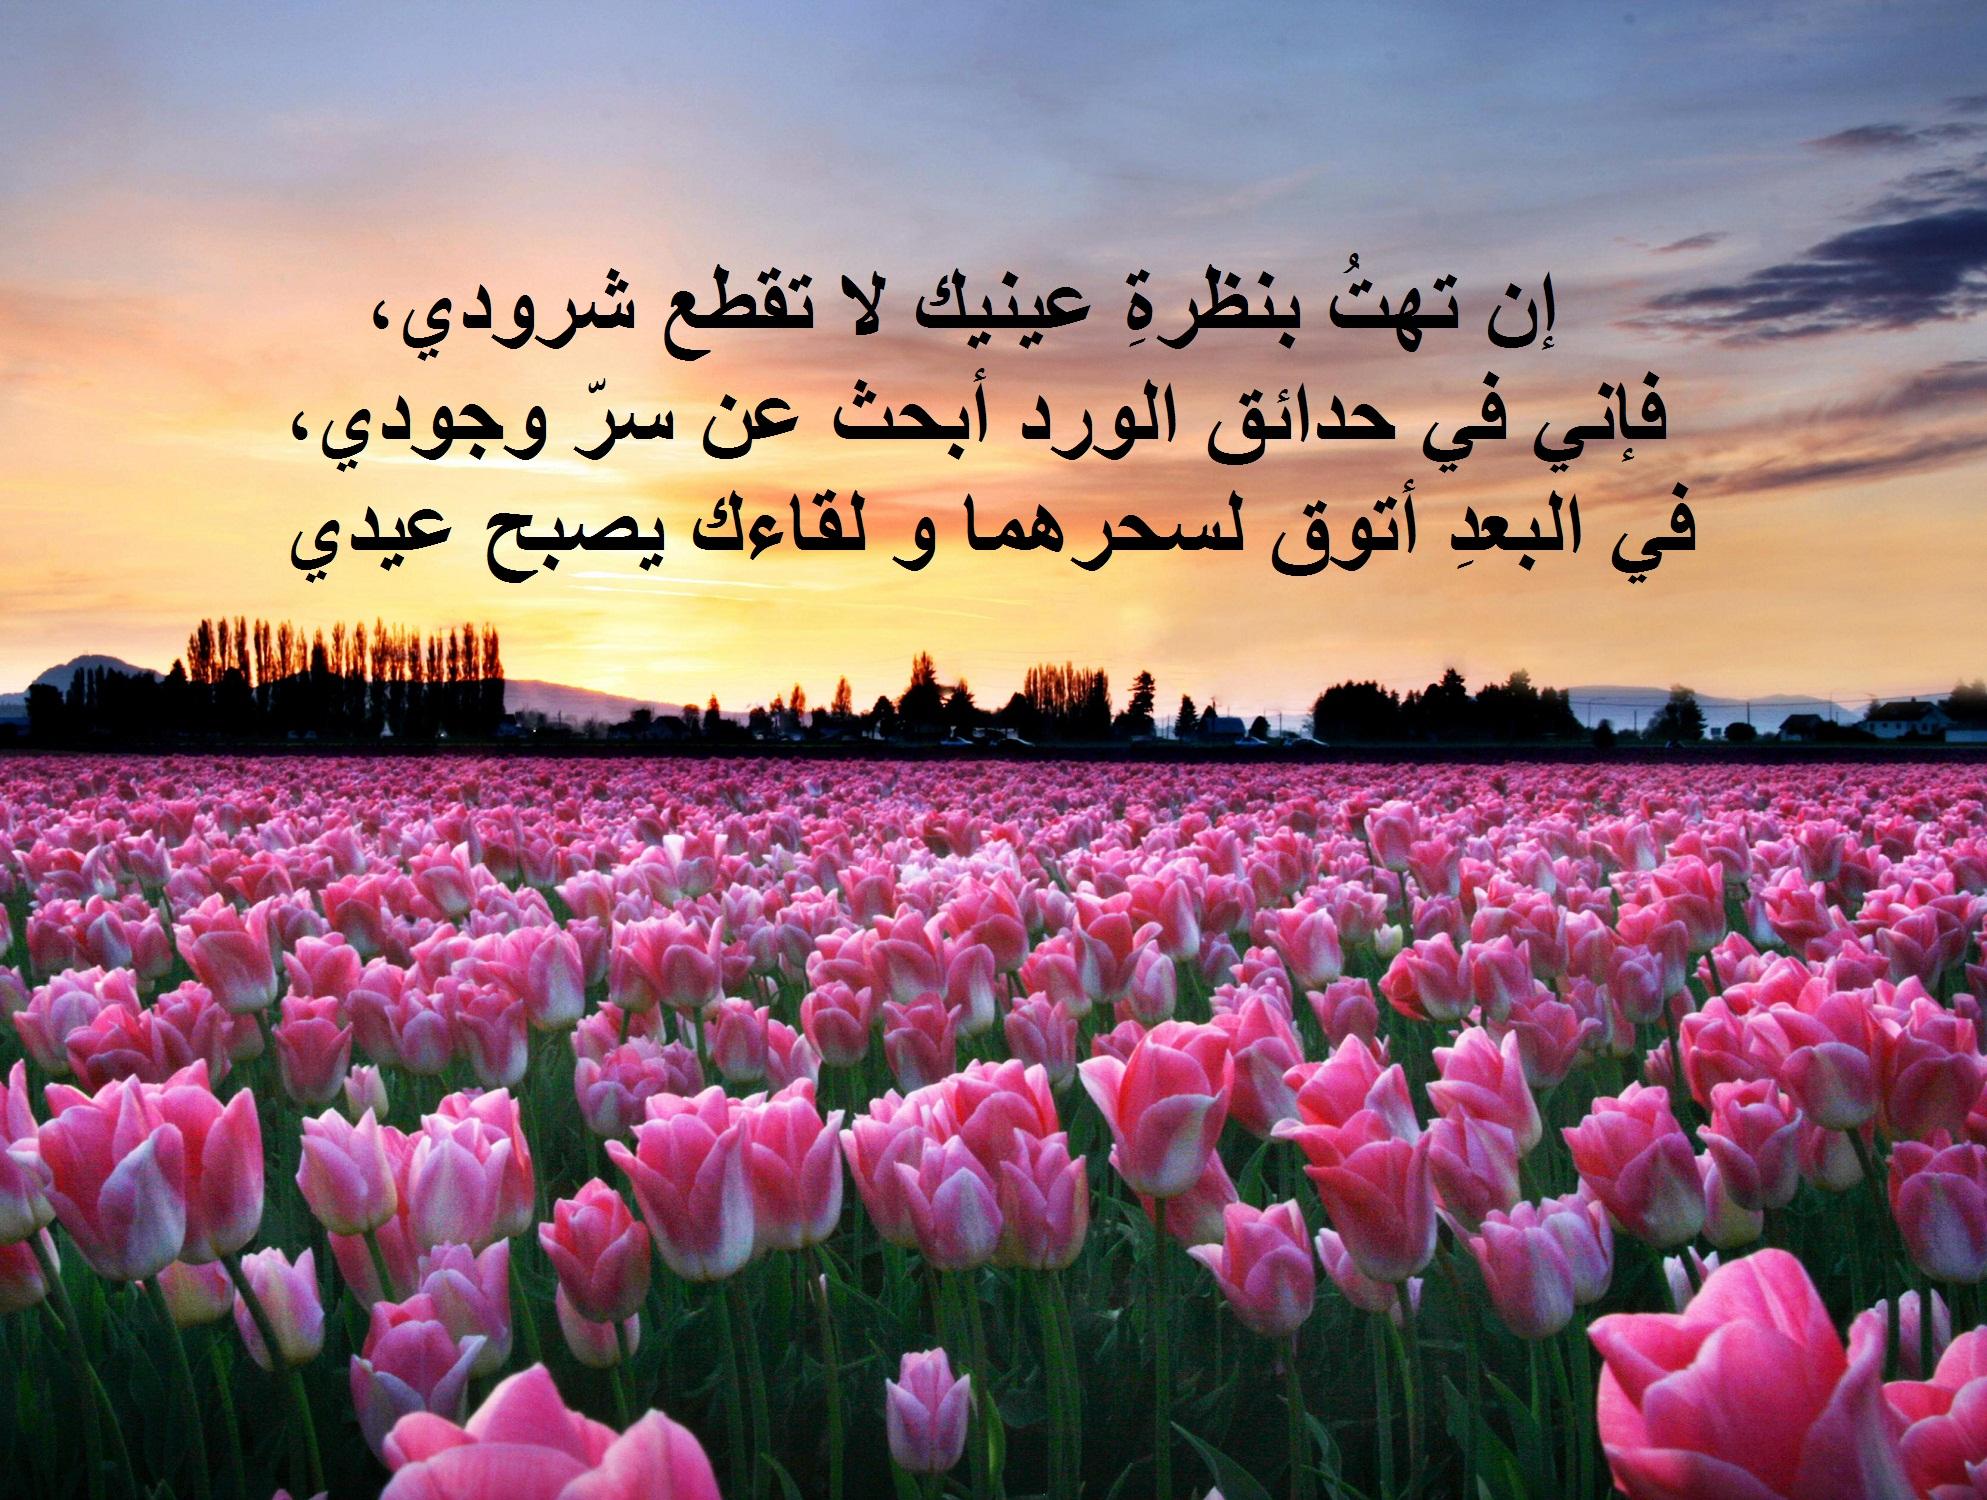 عبارات عن الورد احلى كلام 2